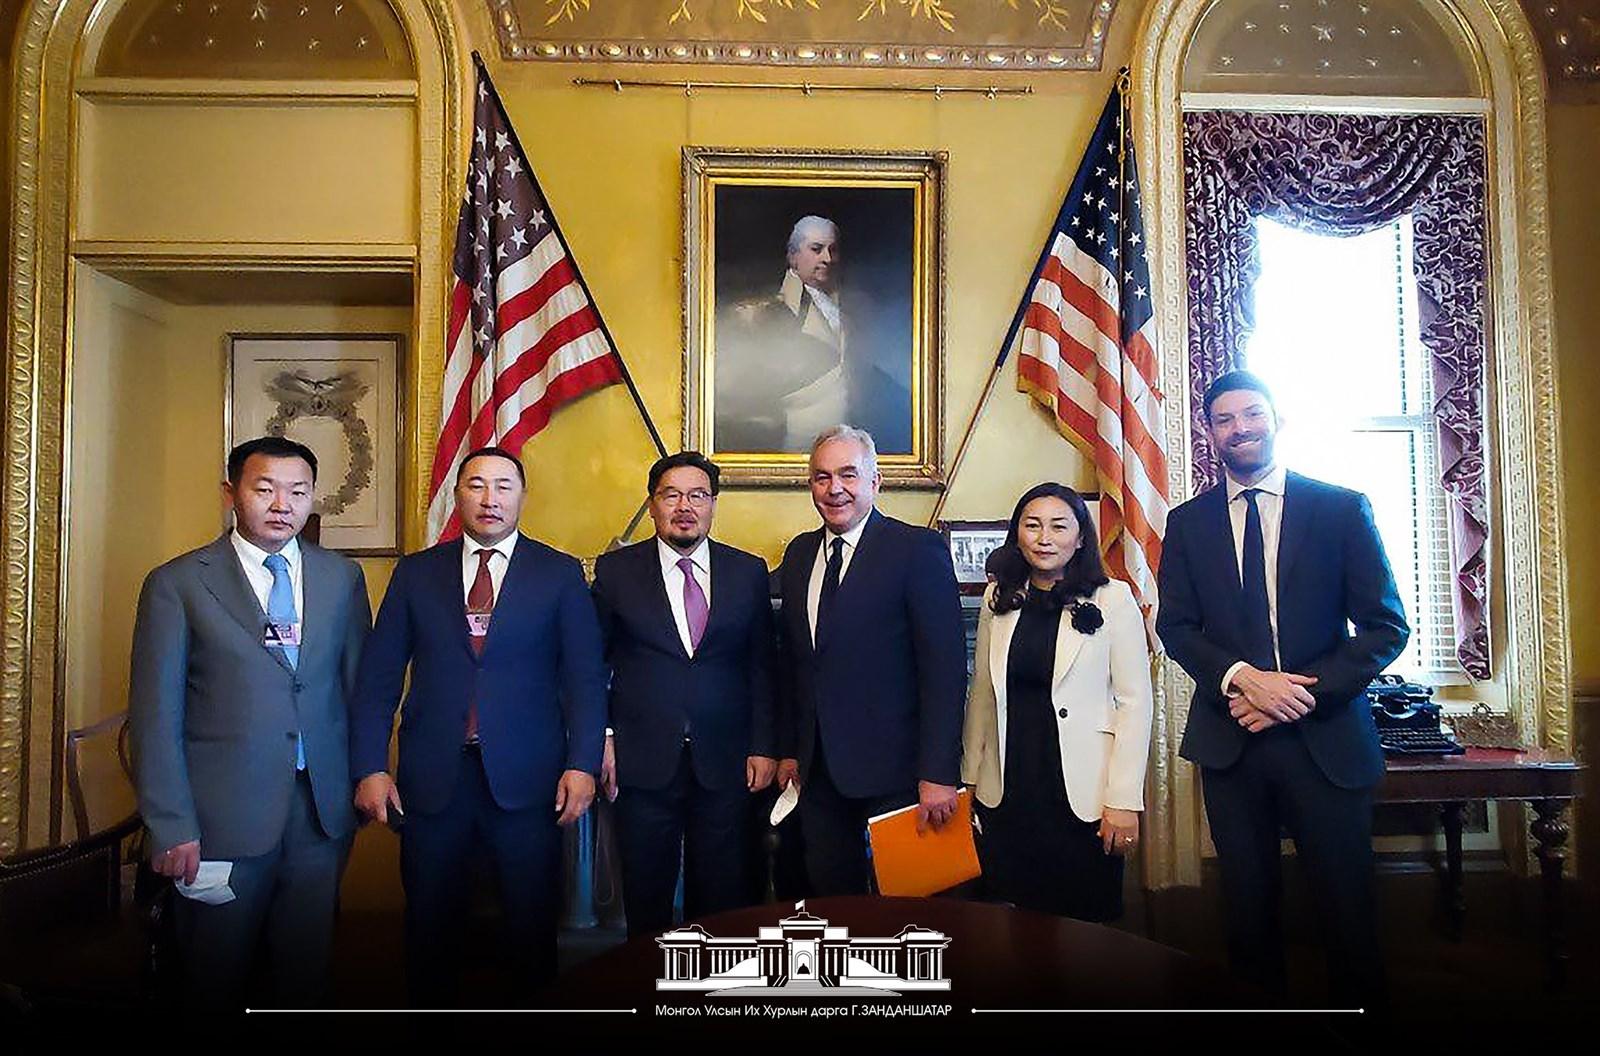 Монголын парламентын ардчилал, эдийн засгийг дэмжих эрмэлзэлтэй байгаагаа АНУ-ын тал илэрхийллээ